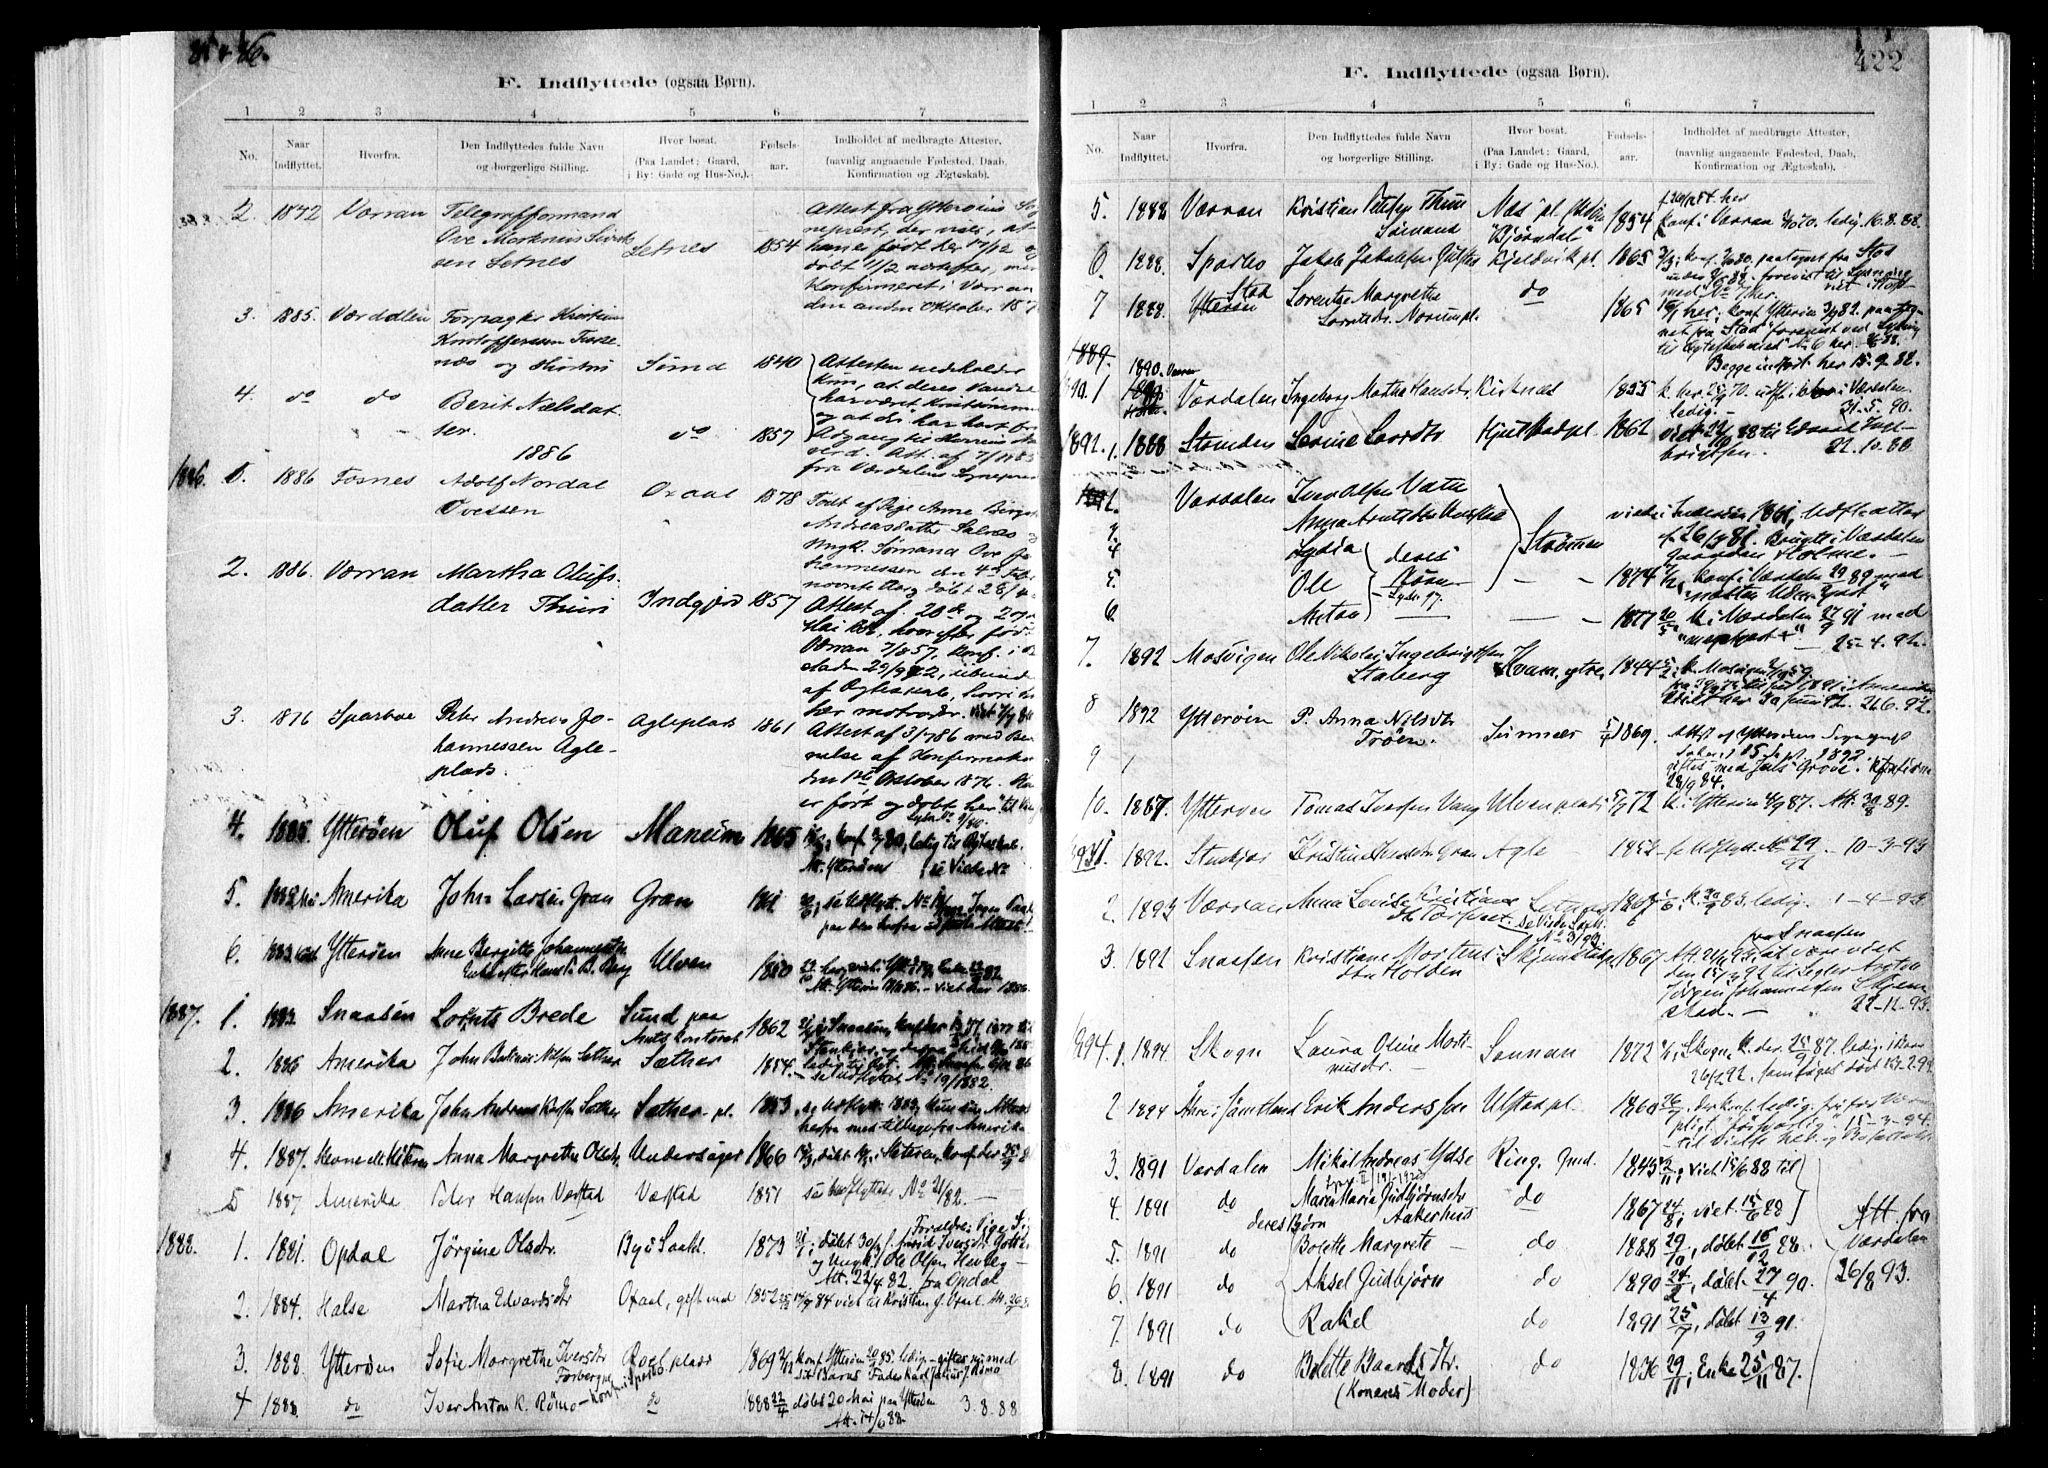 SAT, Ministerialprotokoller, klokkerbøker og fødselsregistre - Nord-Trøndelag, 730/L0285: Ministerialbok nr. 730A10, 1879-1914, s. 422